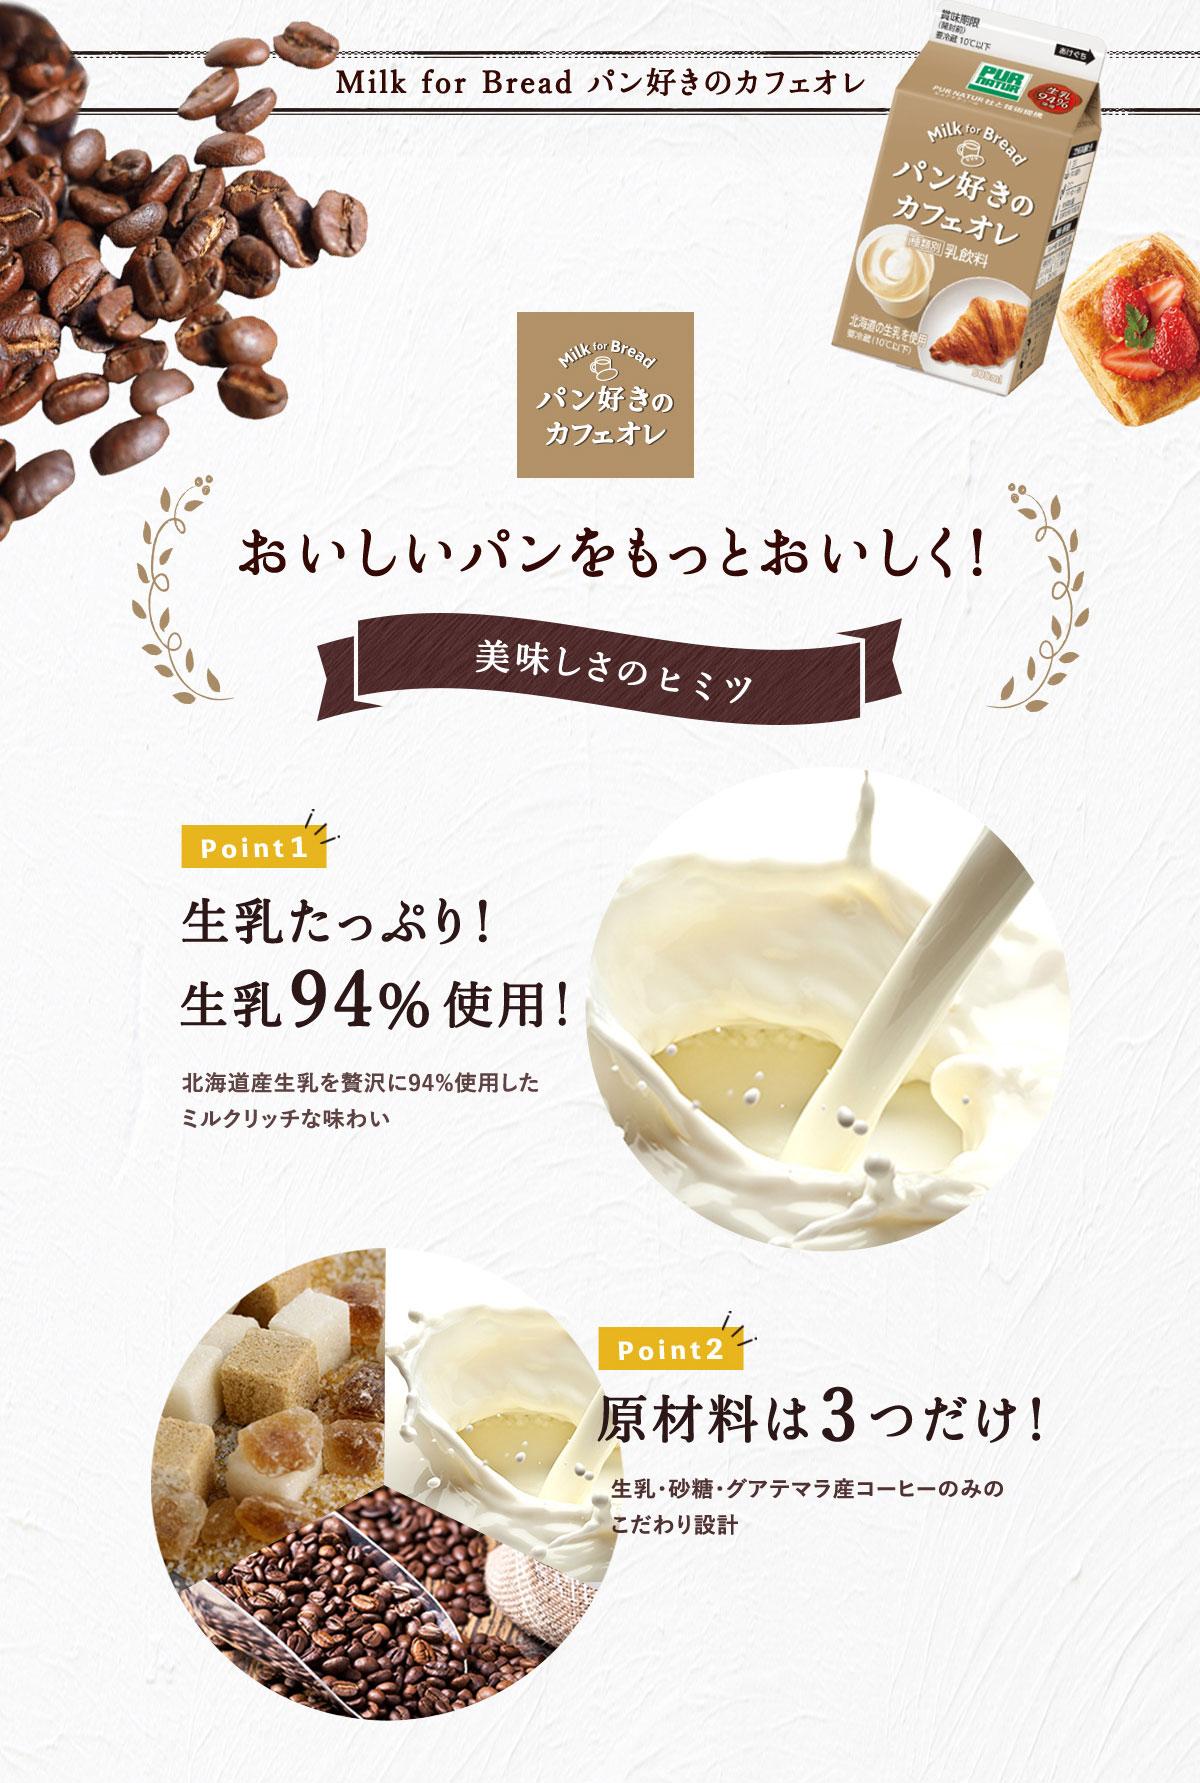 ぱん ず き の カフェ オレ